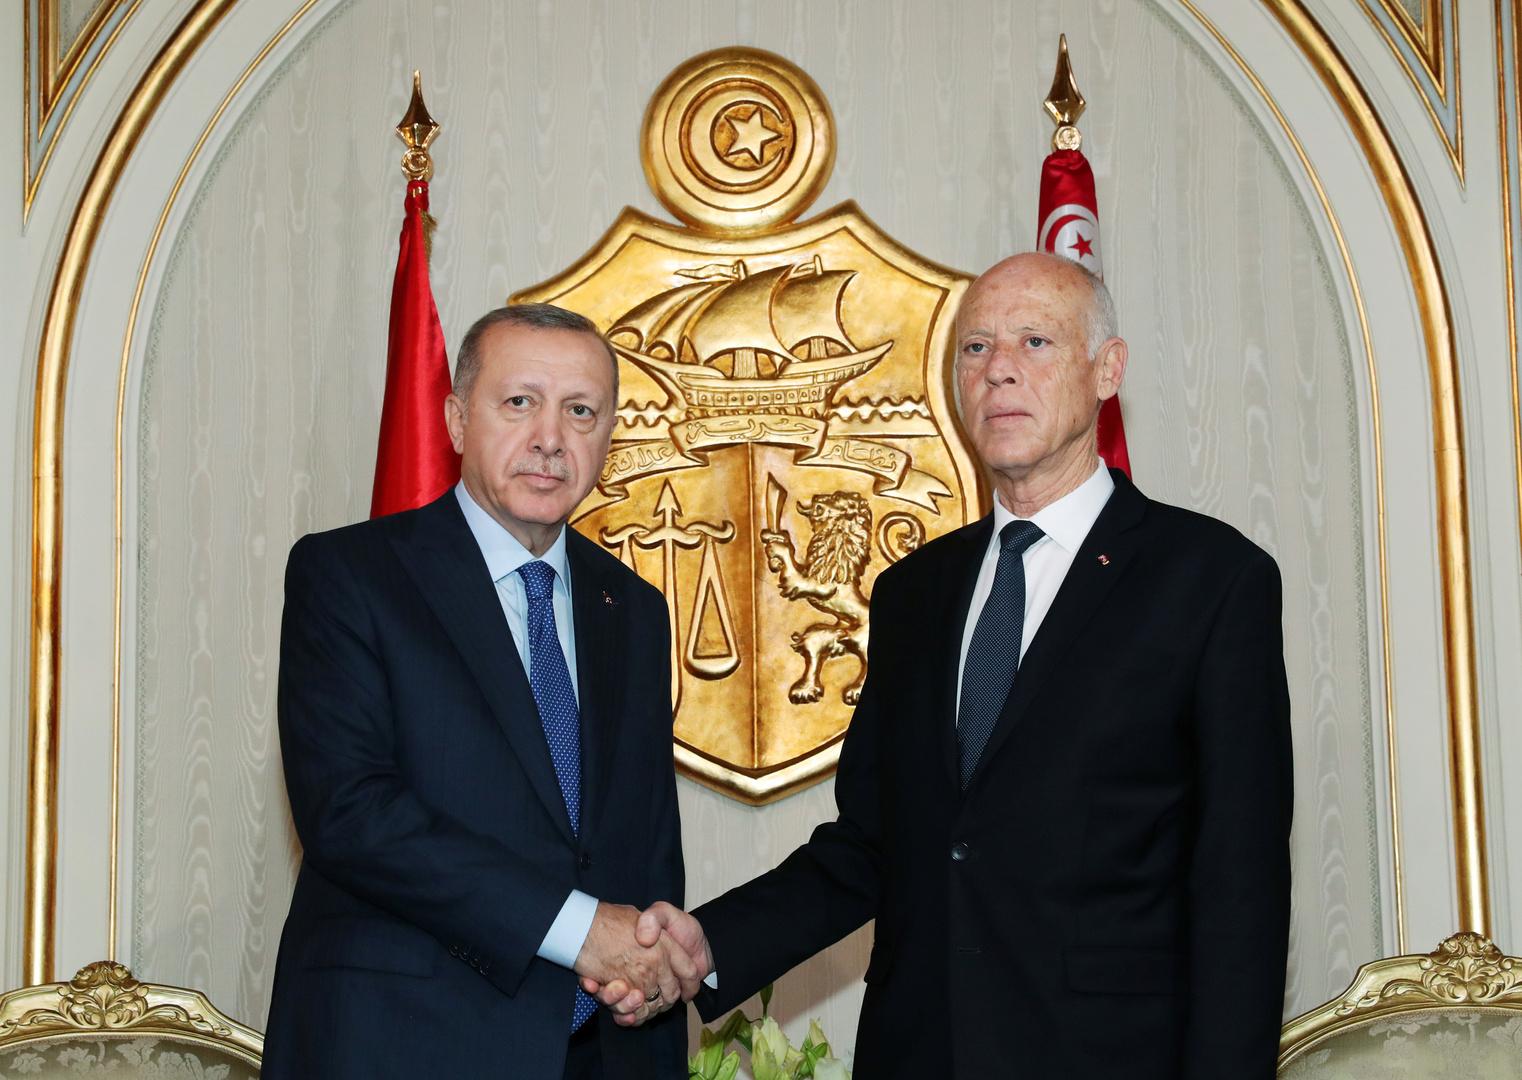 تونس تعلن رفض أي تدخل أجنبي في ليبيا